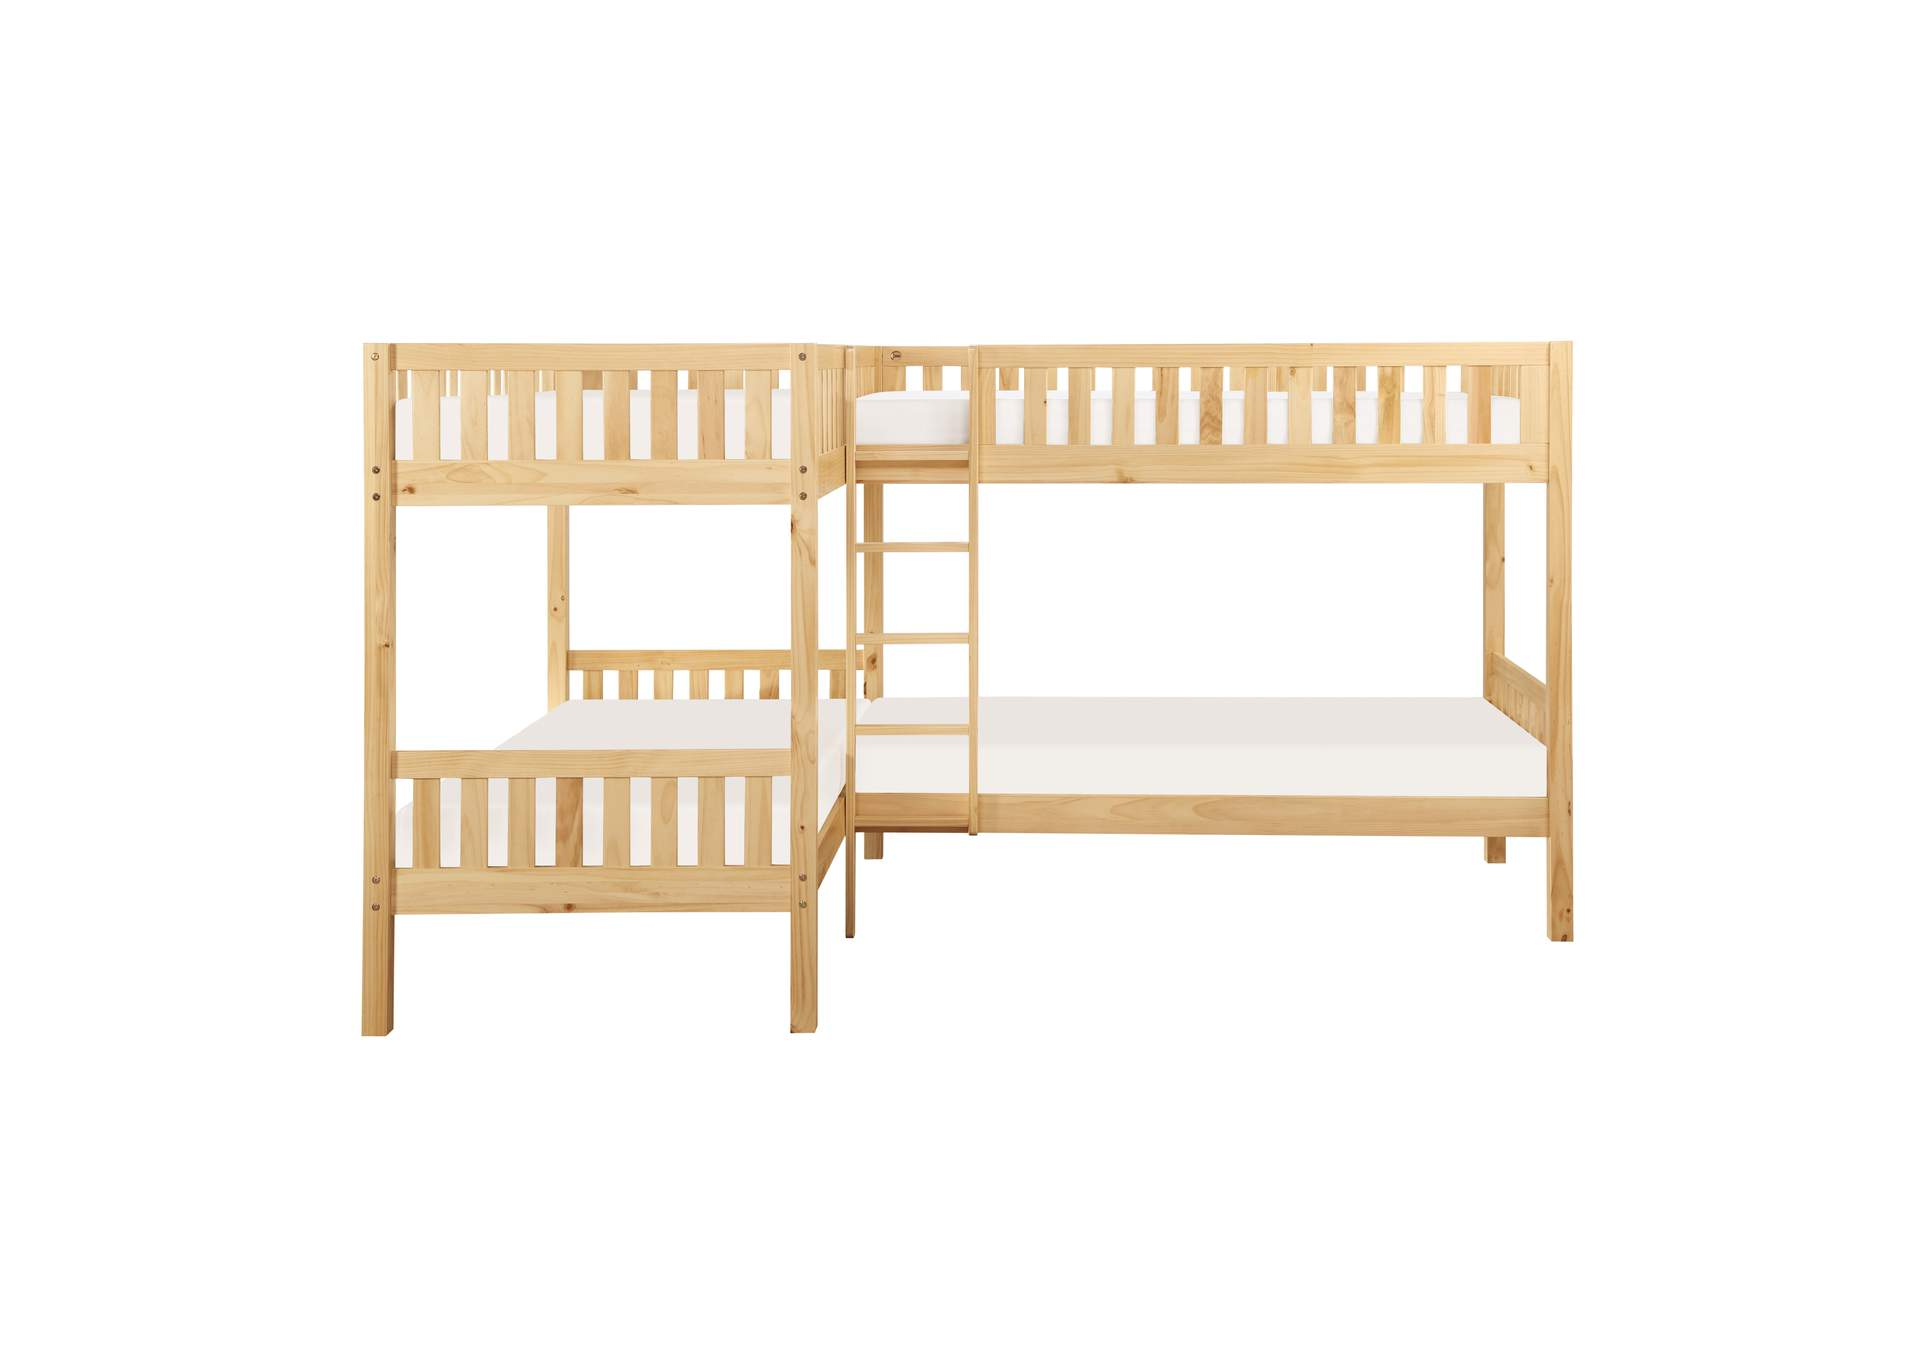 Bartly Corner Bunk Bed Dimensional Furniture Outlet